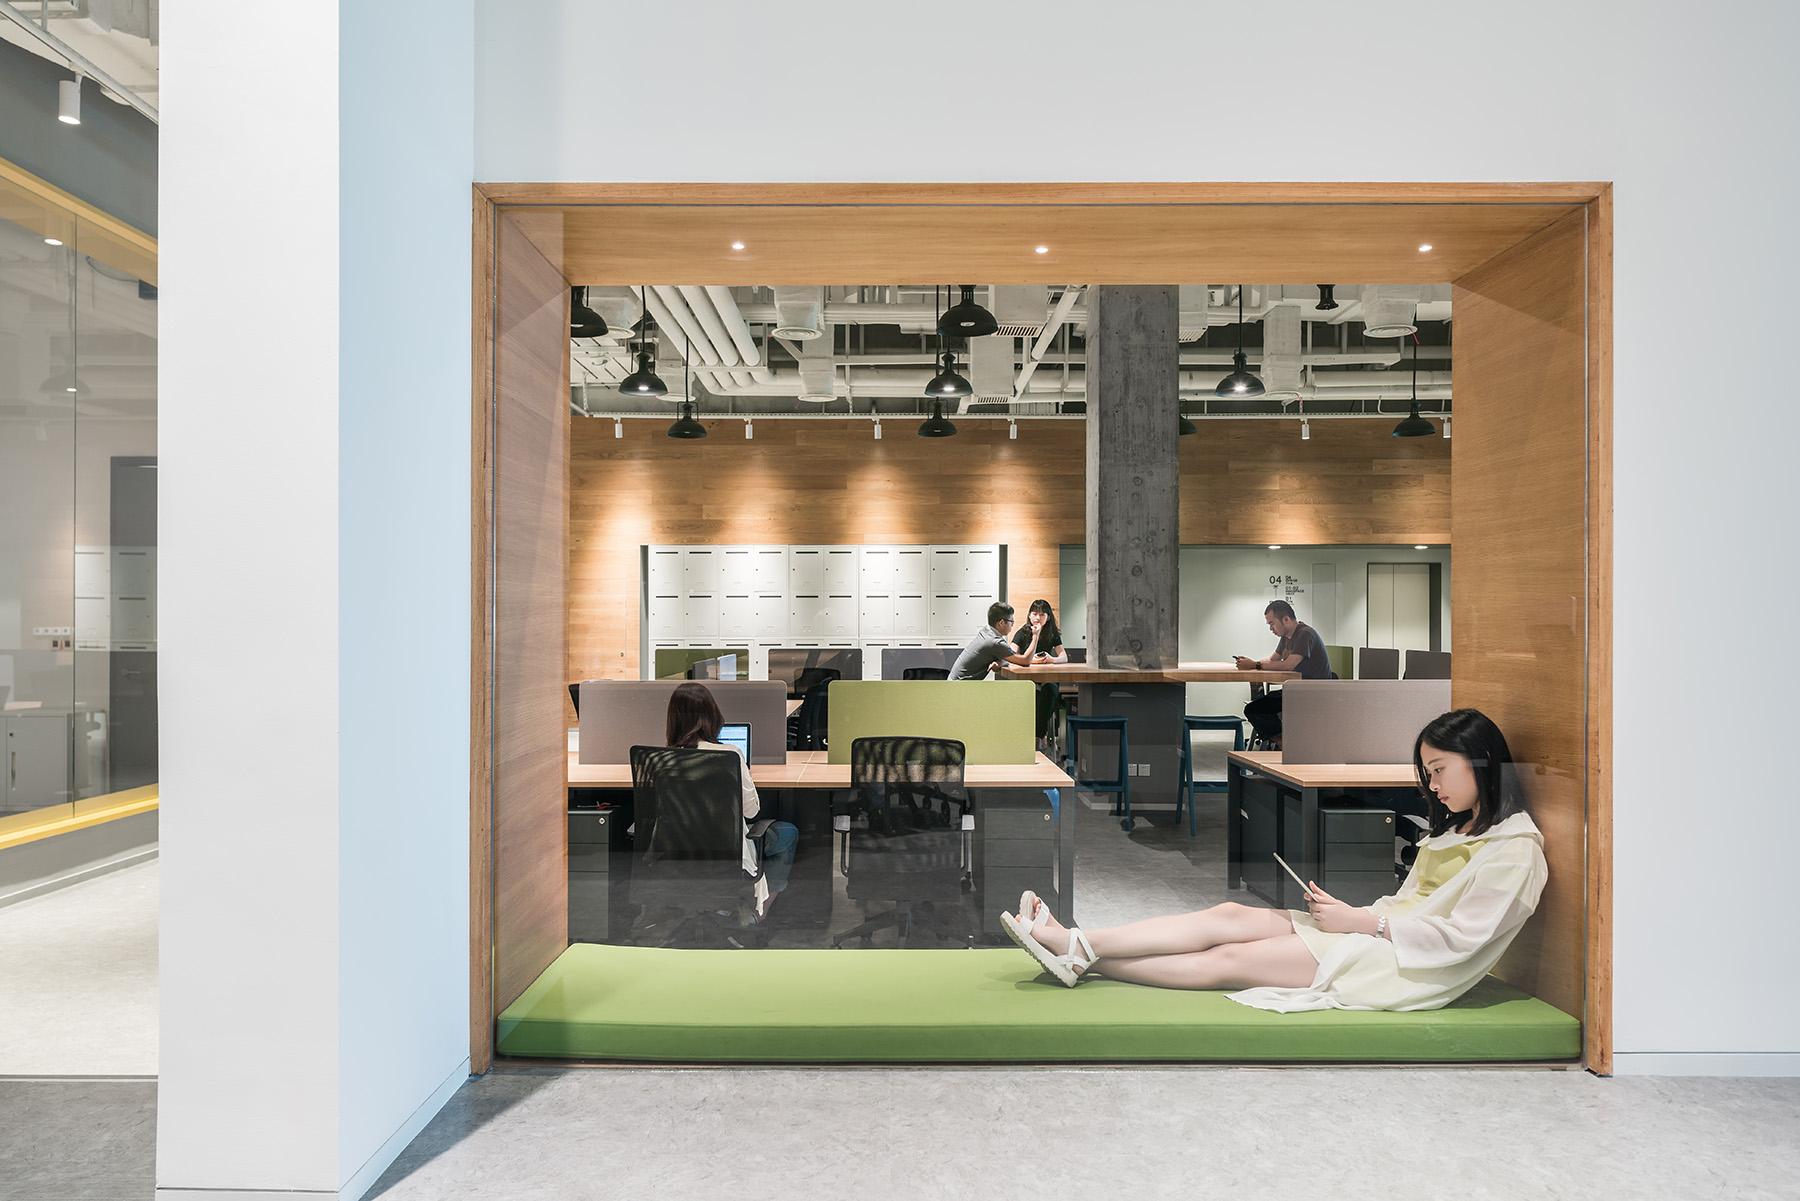 拒绝枯燥乏味!打造全新办公空间,给你家的温暖!|Gensler - 8